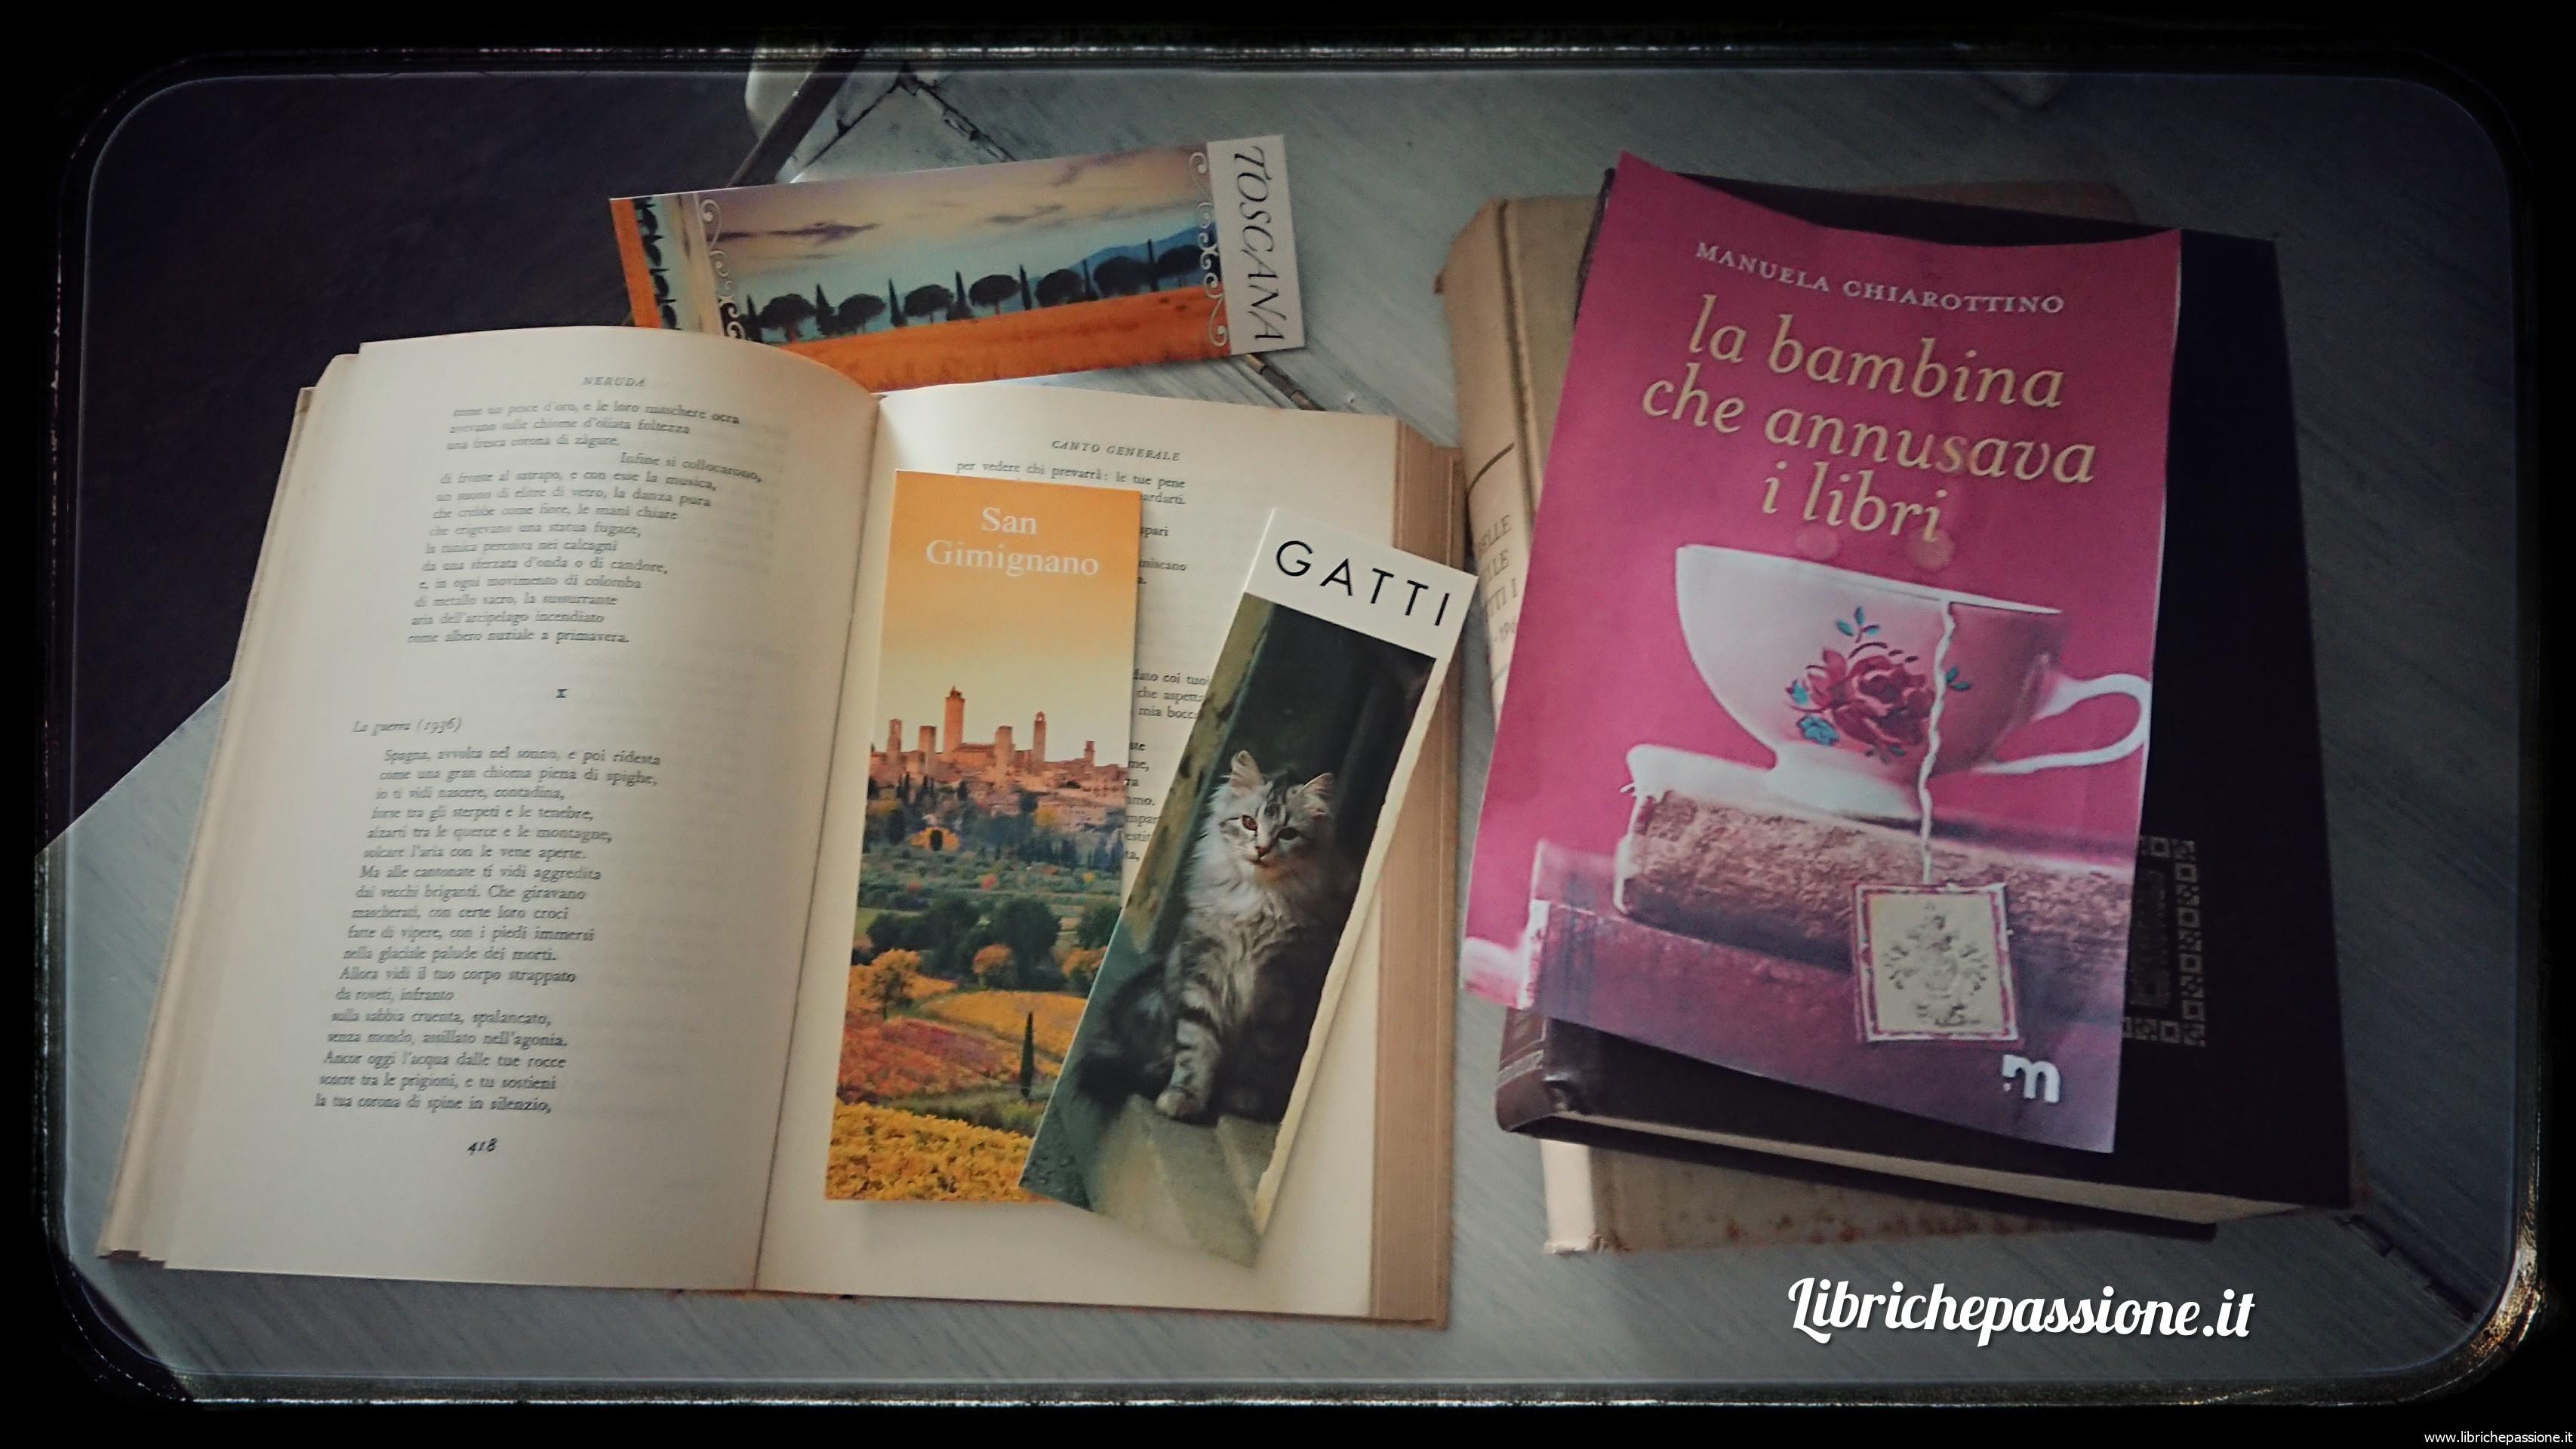 """Recensione del romanzo """"La bambina che annusava i libri"""" di Manuela Chiarottino edito da More Stories"""